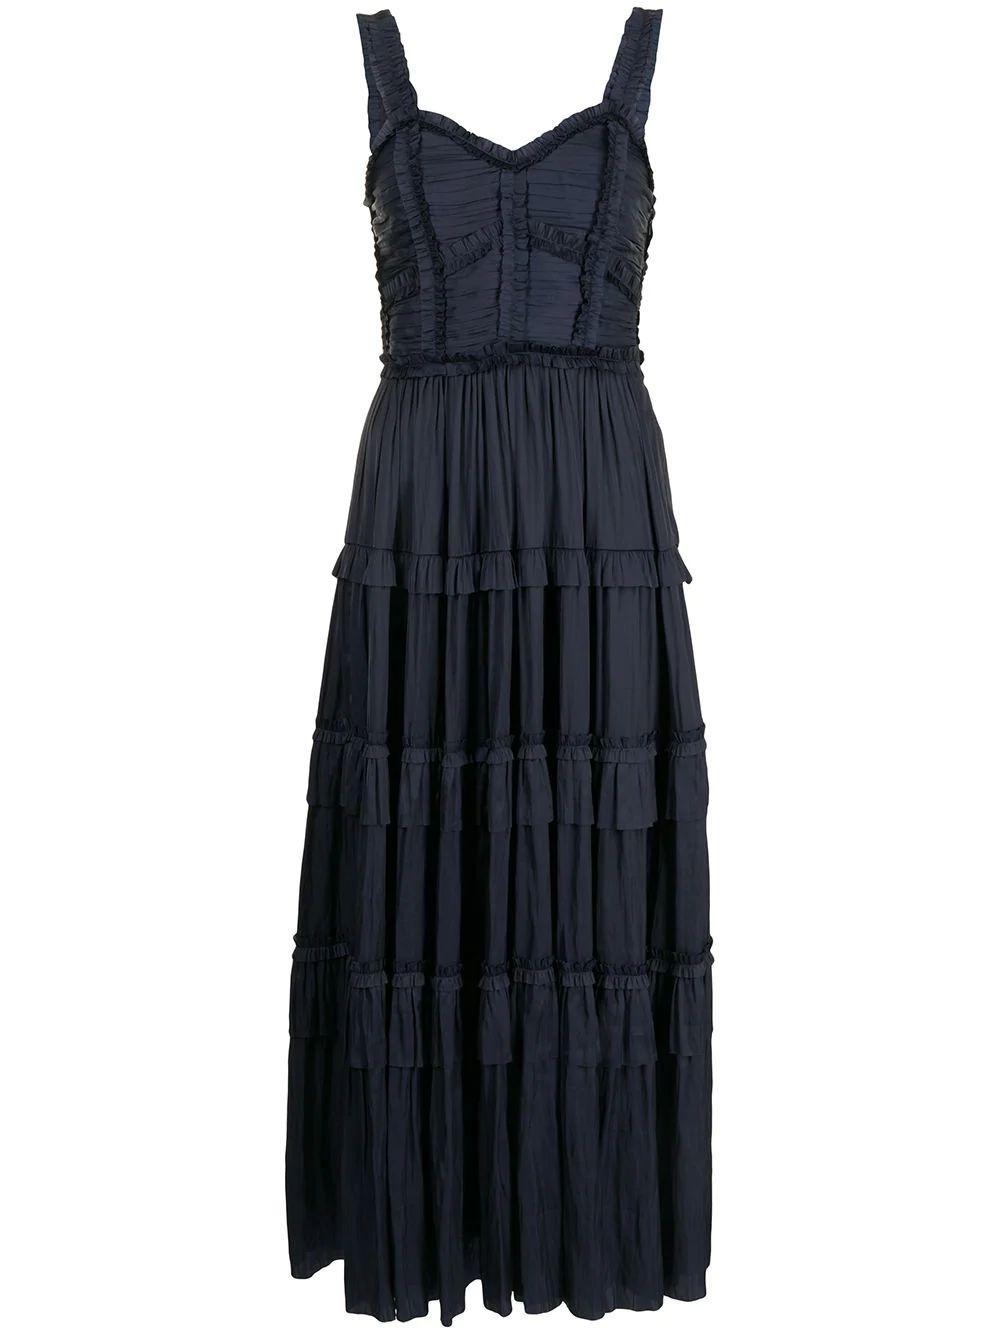 Gwynne Tiered Maxi Dress